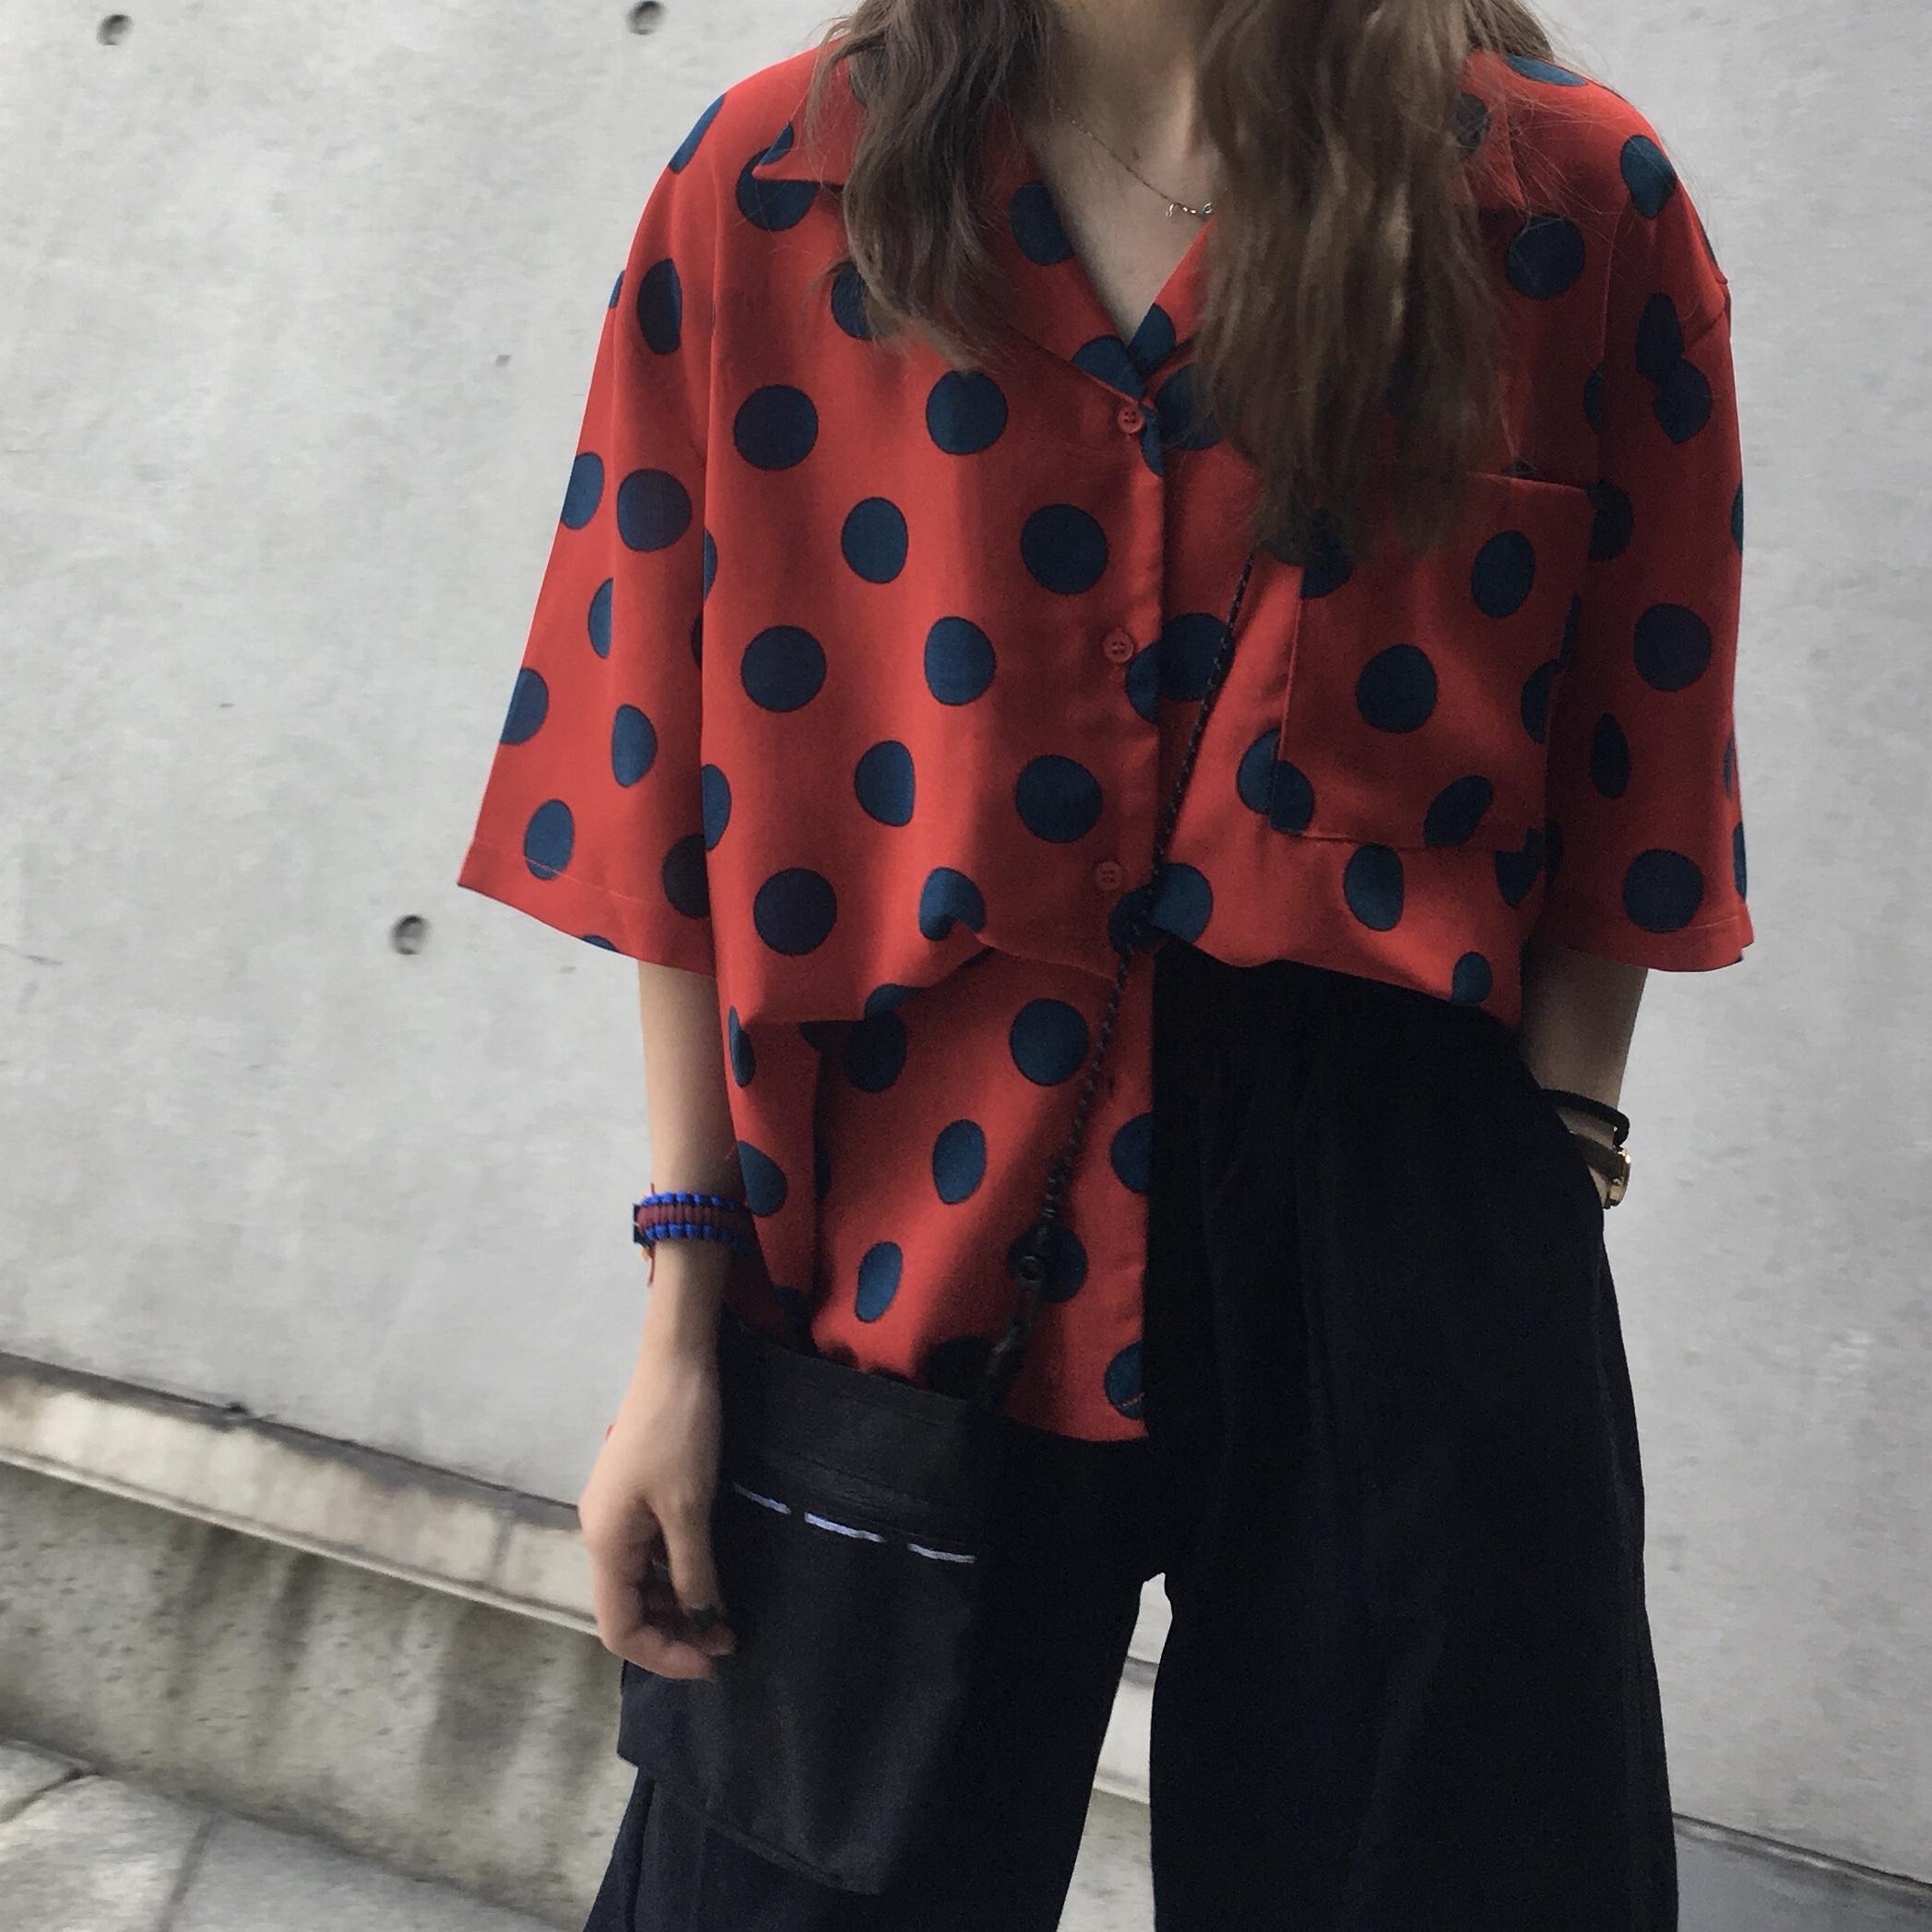 2018新款夏季圆点衬衫女复古西装领翻领短袖上衣大码胖MM200斤